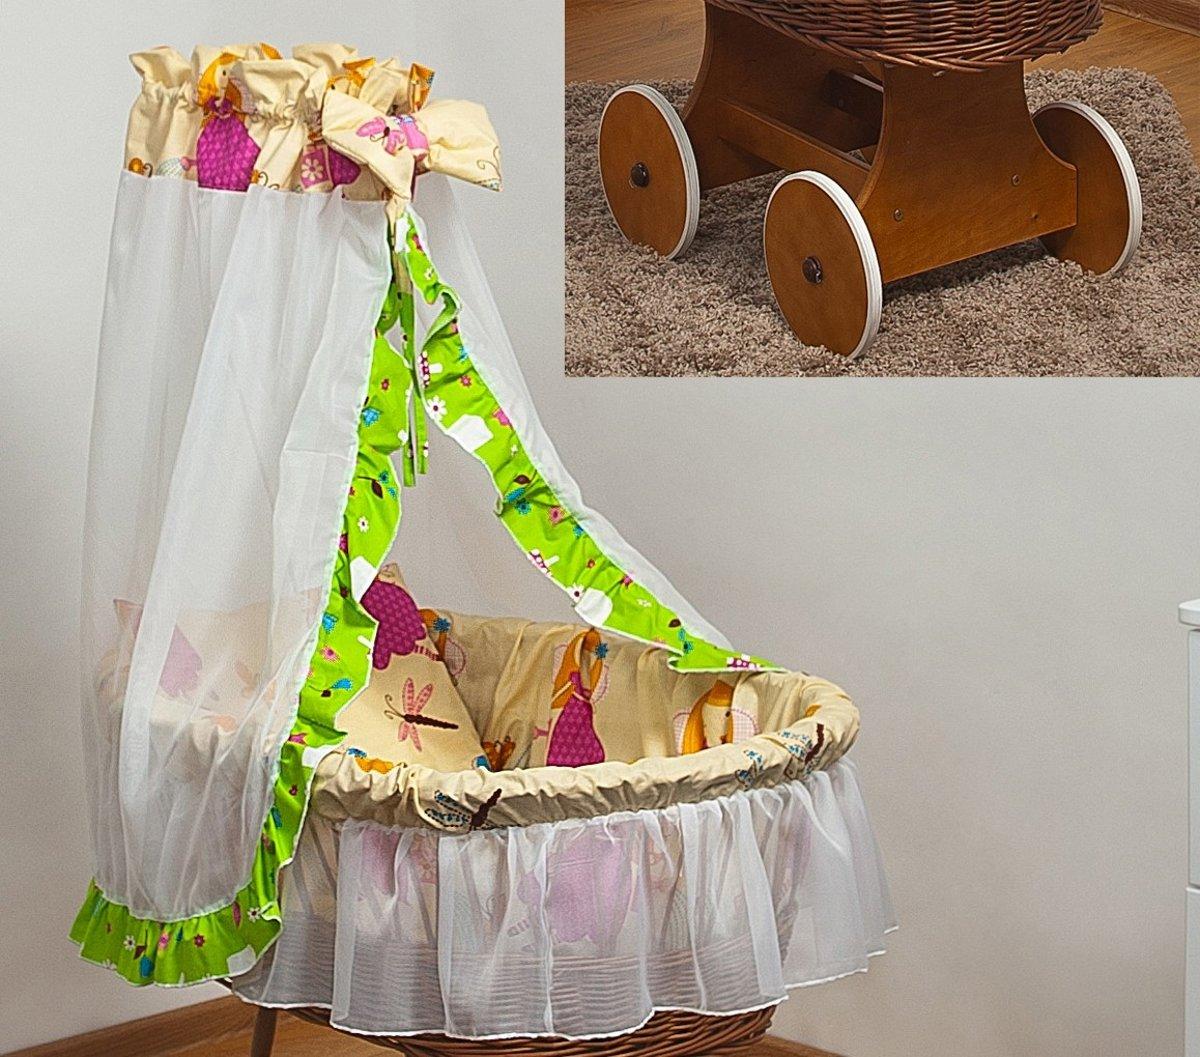 Rotan baby wiegje - Incl. beddengoedset, hemel met sluier, onderstel met wieltjes - 100% katoen - toverfee kopen